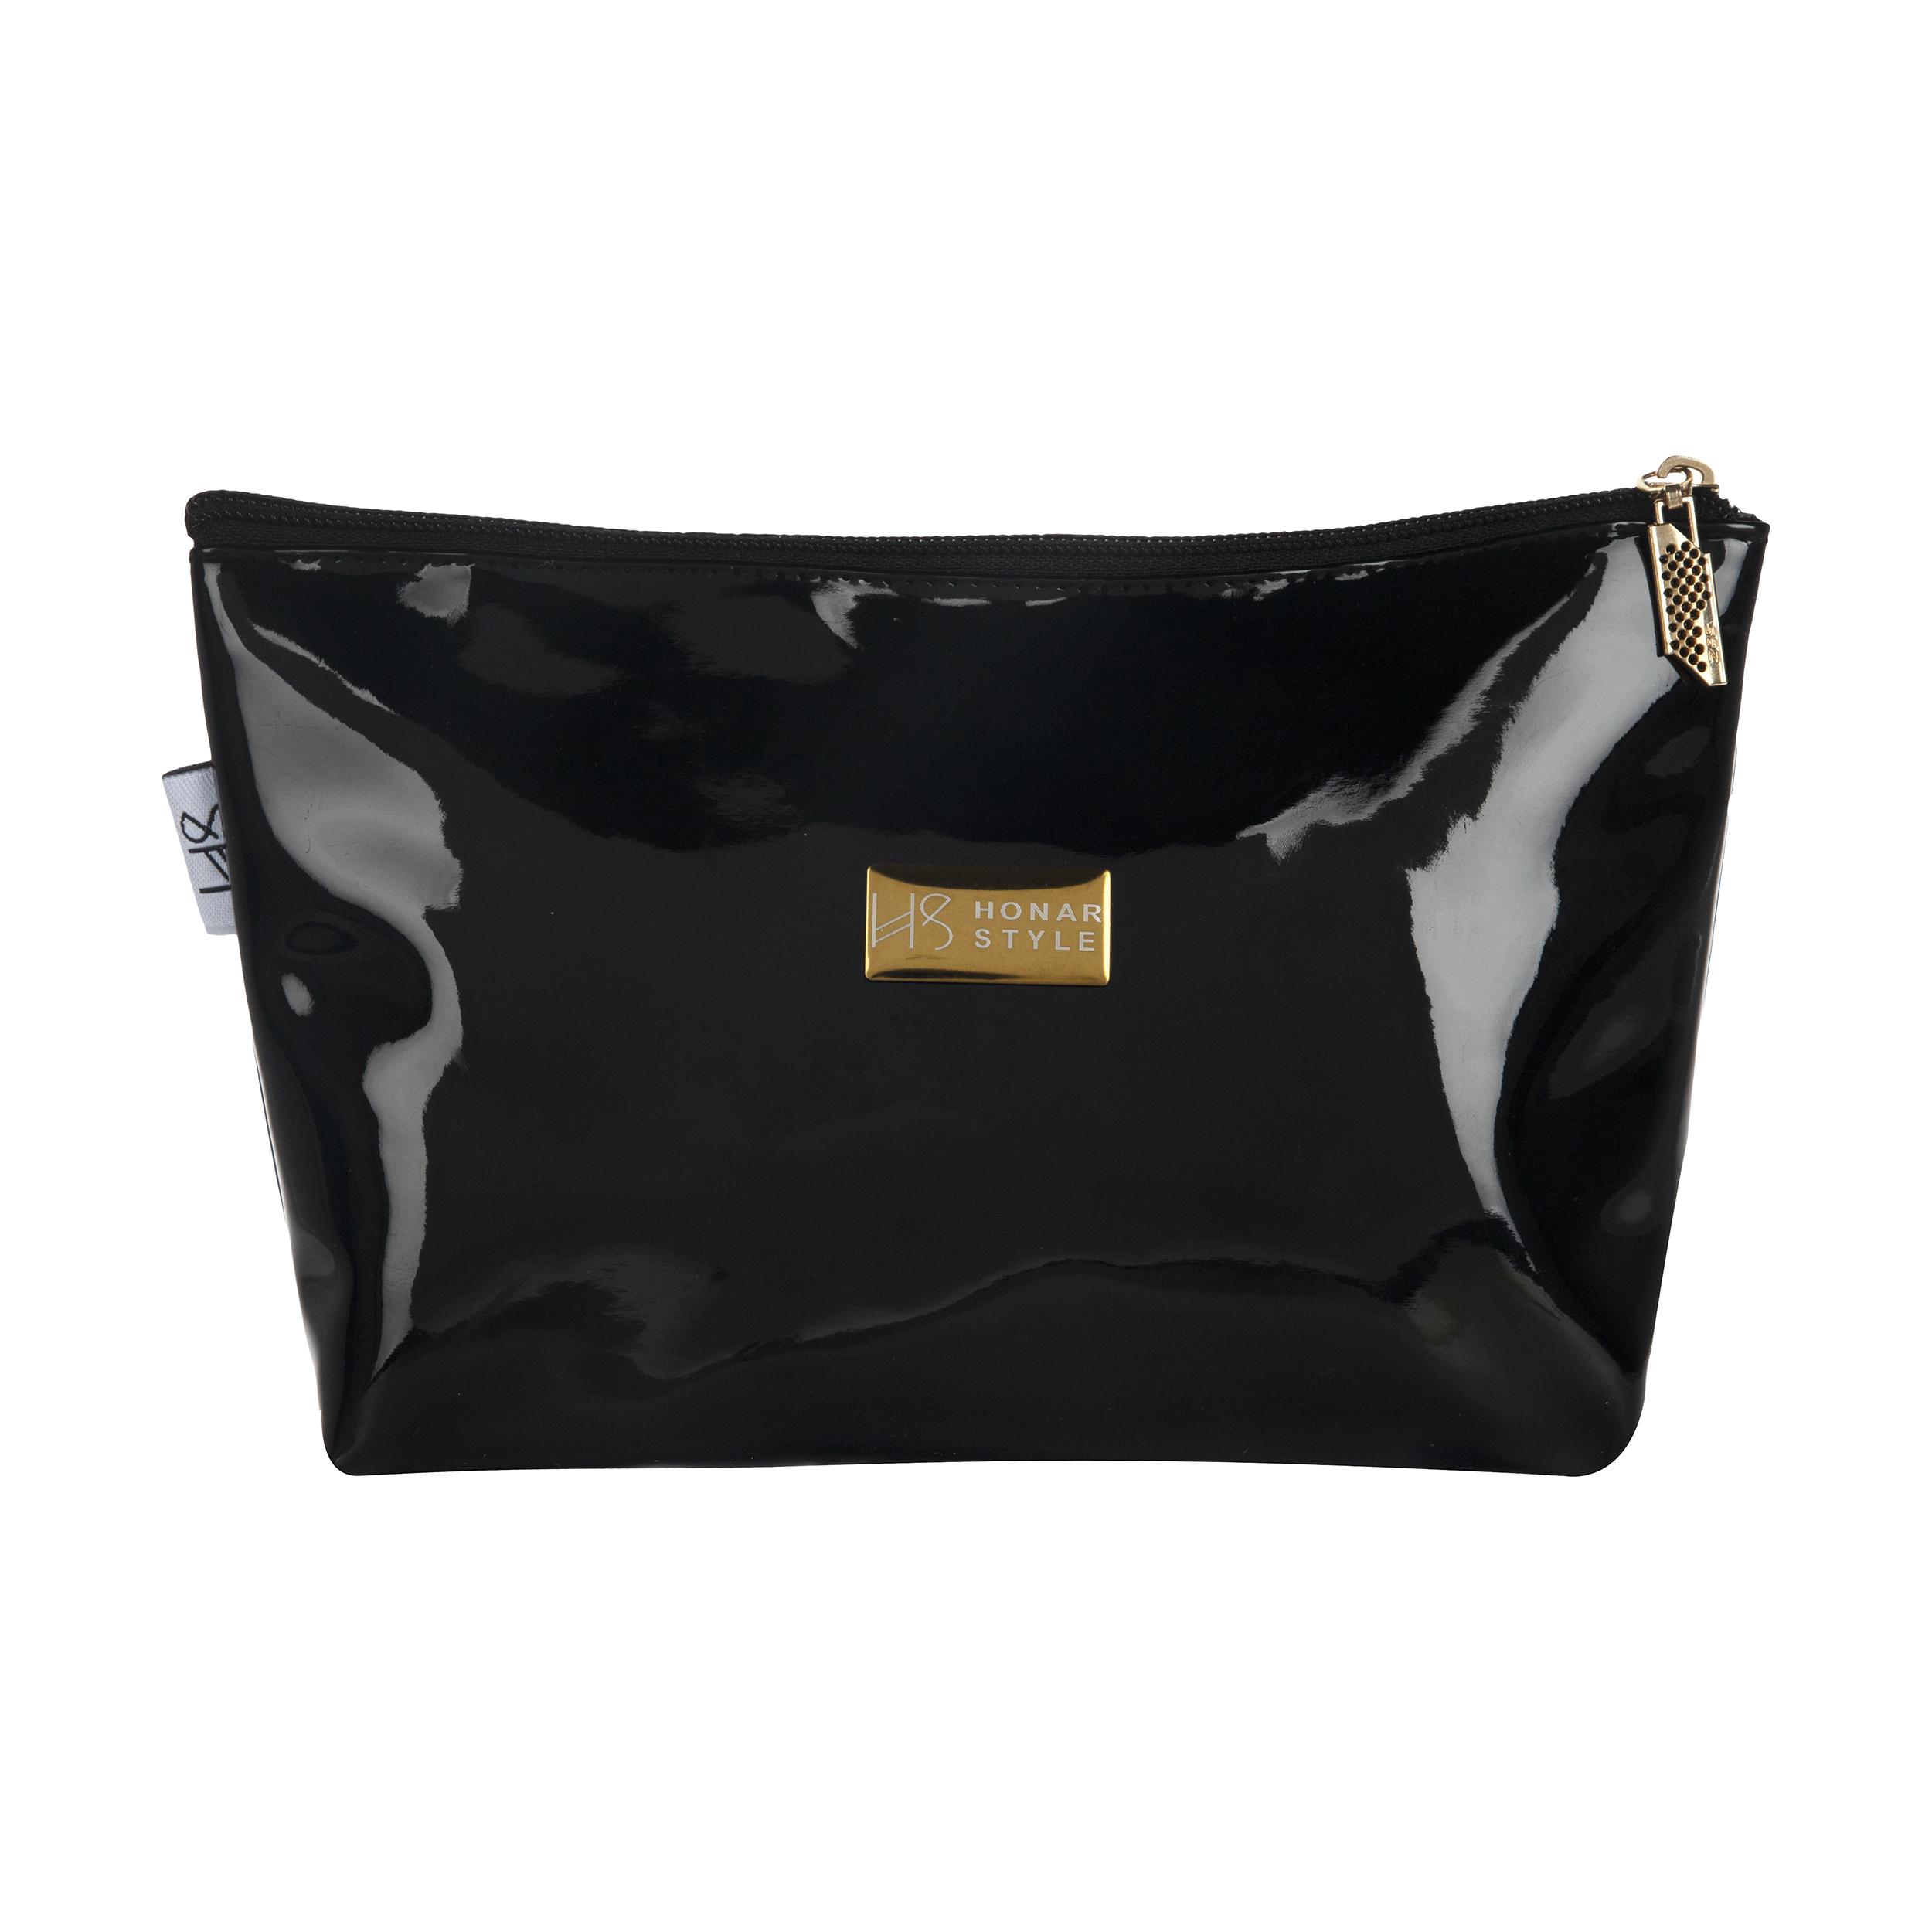 کیف لوازم آرایش زنانه هنر استایل مدل Lexi3